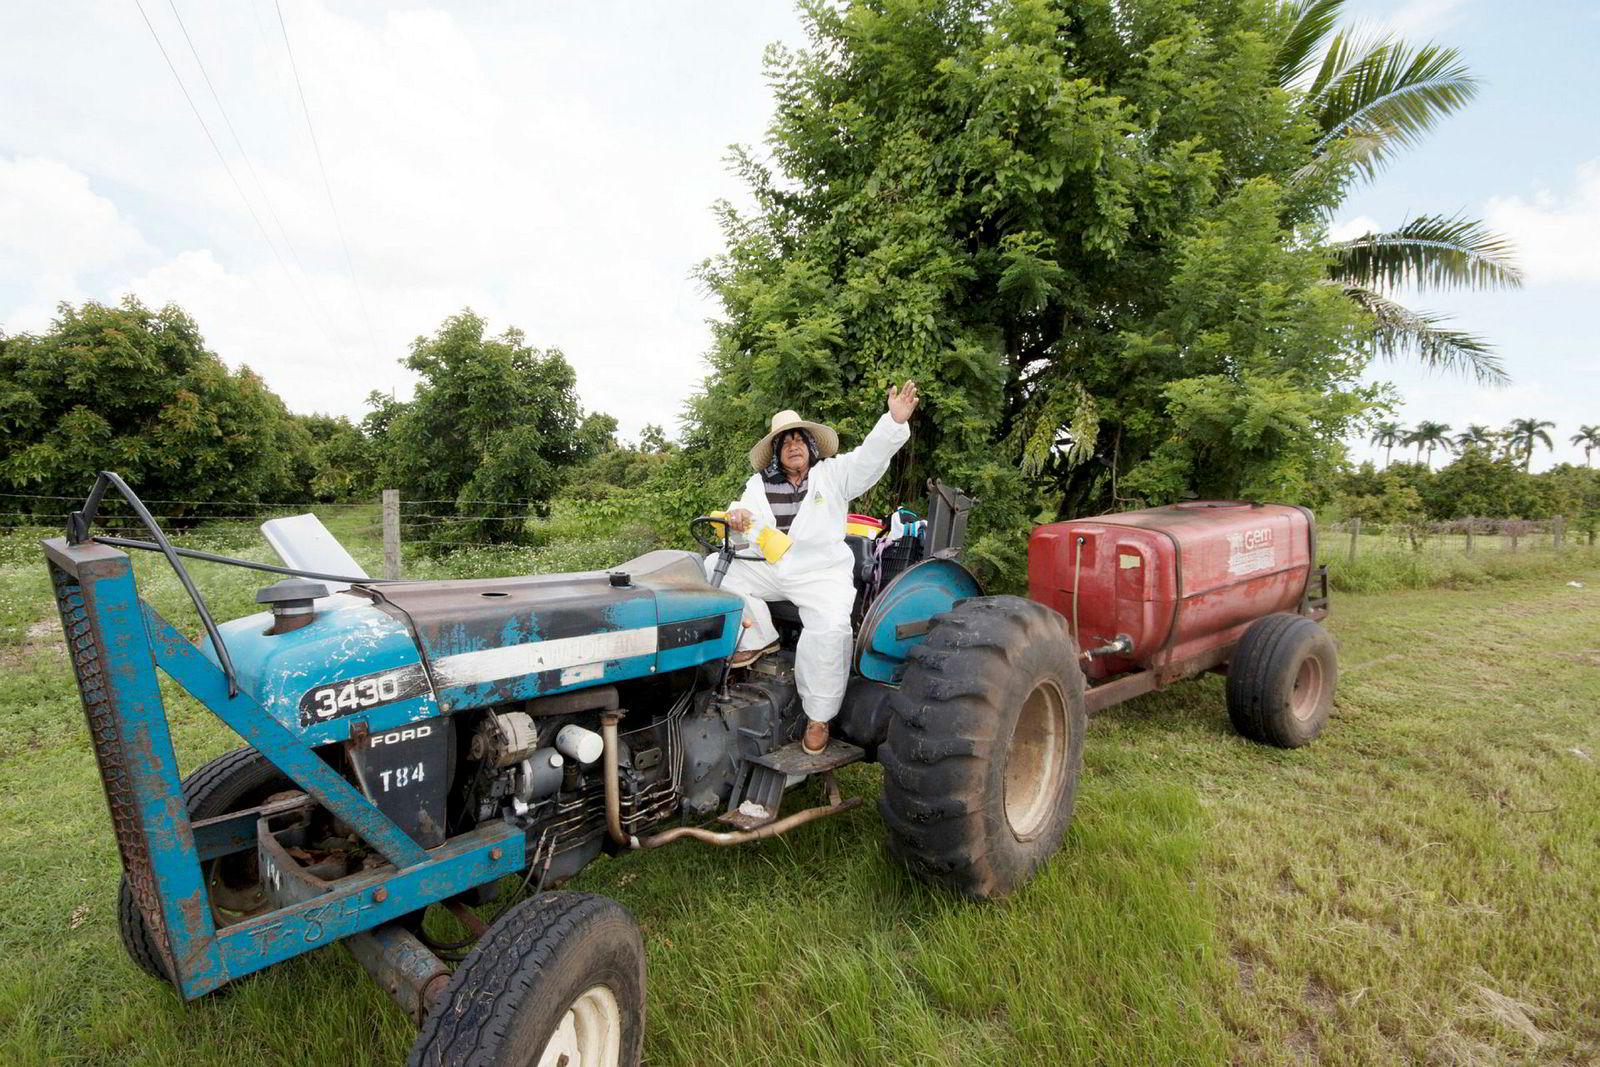 «Laksefarmen? Den har jeg aldri hørt om, sier en lokal bonde på en traktor som har sett bedre dager. Atlantic Sapphire bygger laksefabrikk på land midt mellom tomat- og papaya-plantasjer.